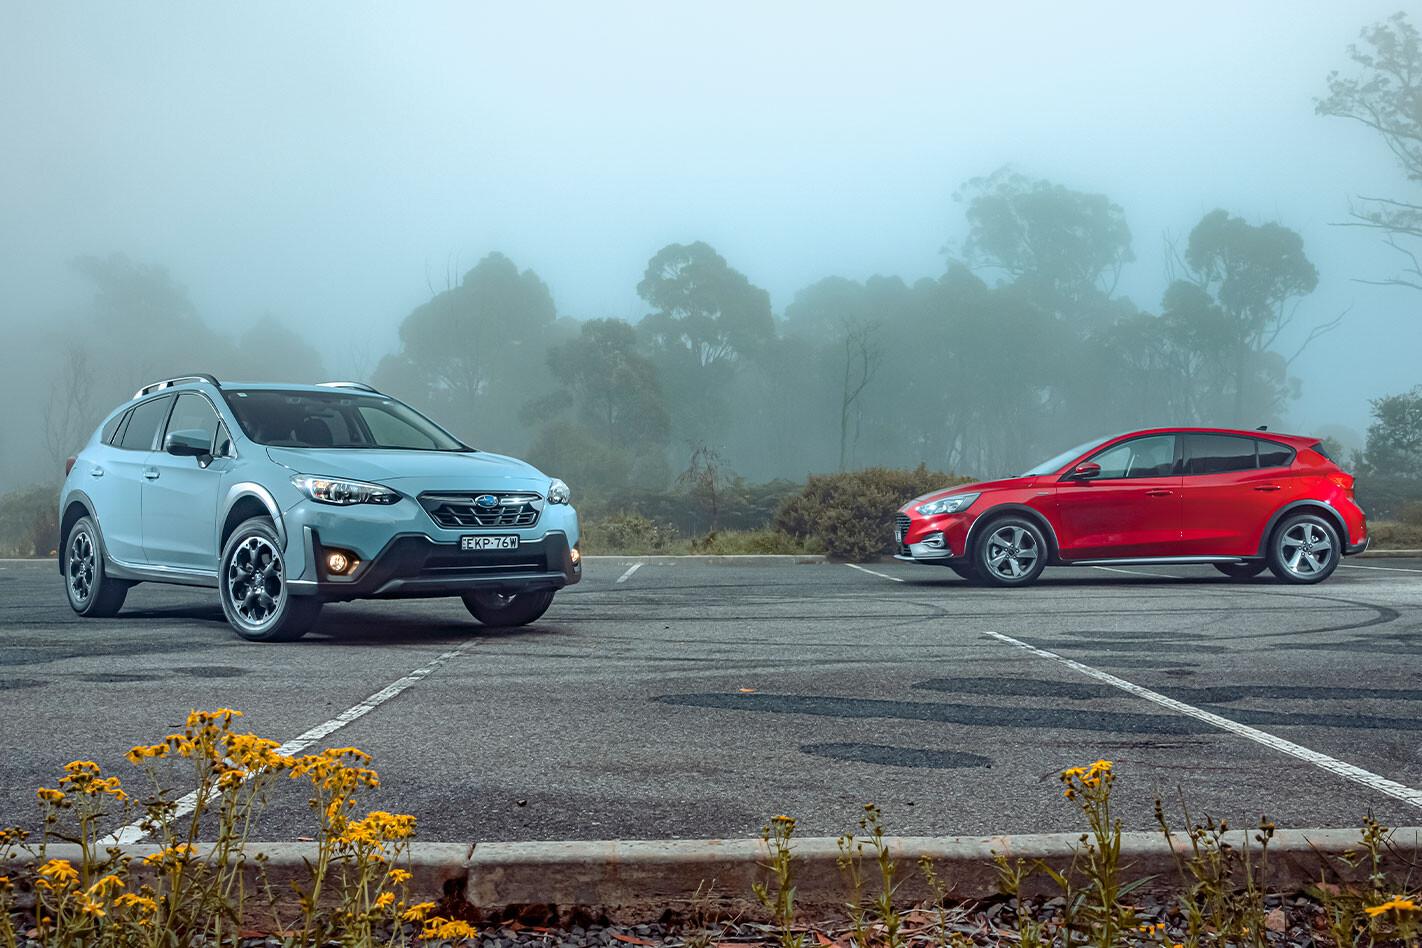 2021 Subaru XV 2.0 premium vs Ford Focus Active